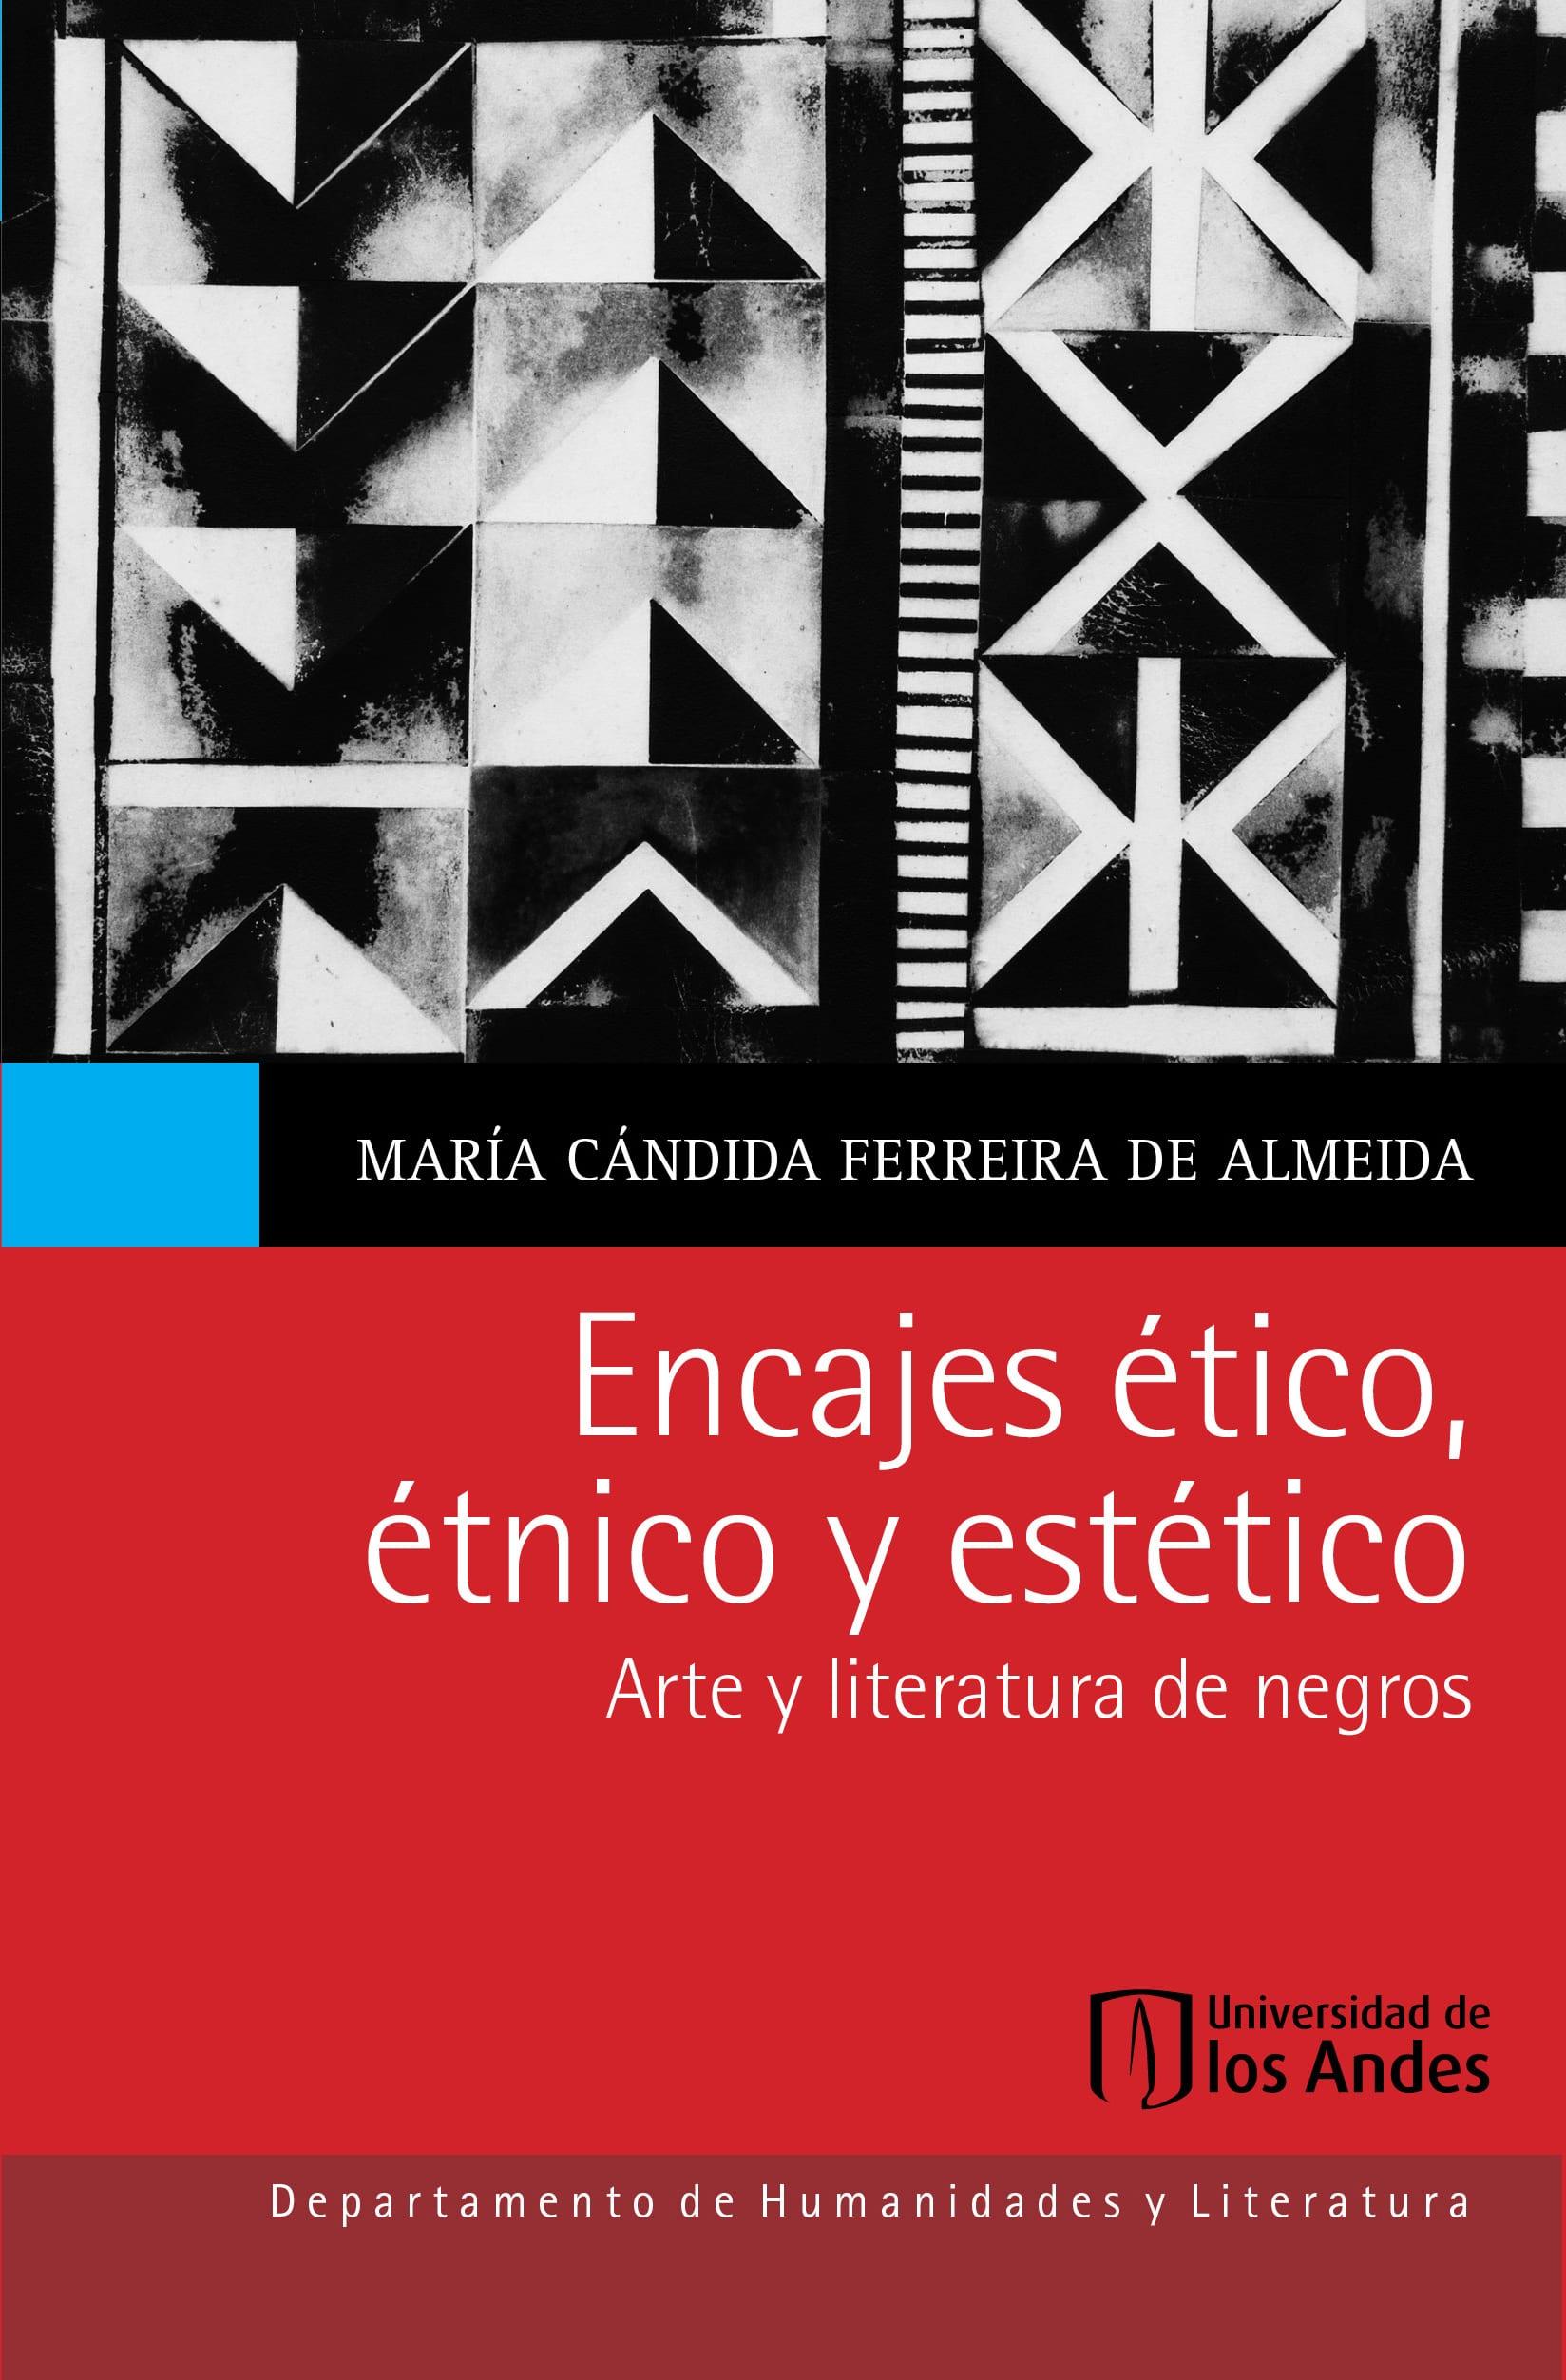 Portada del libro Encajes ético, étnico y estético